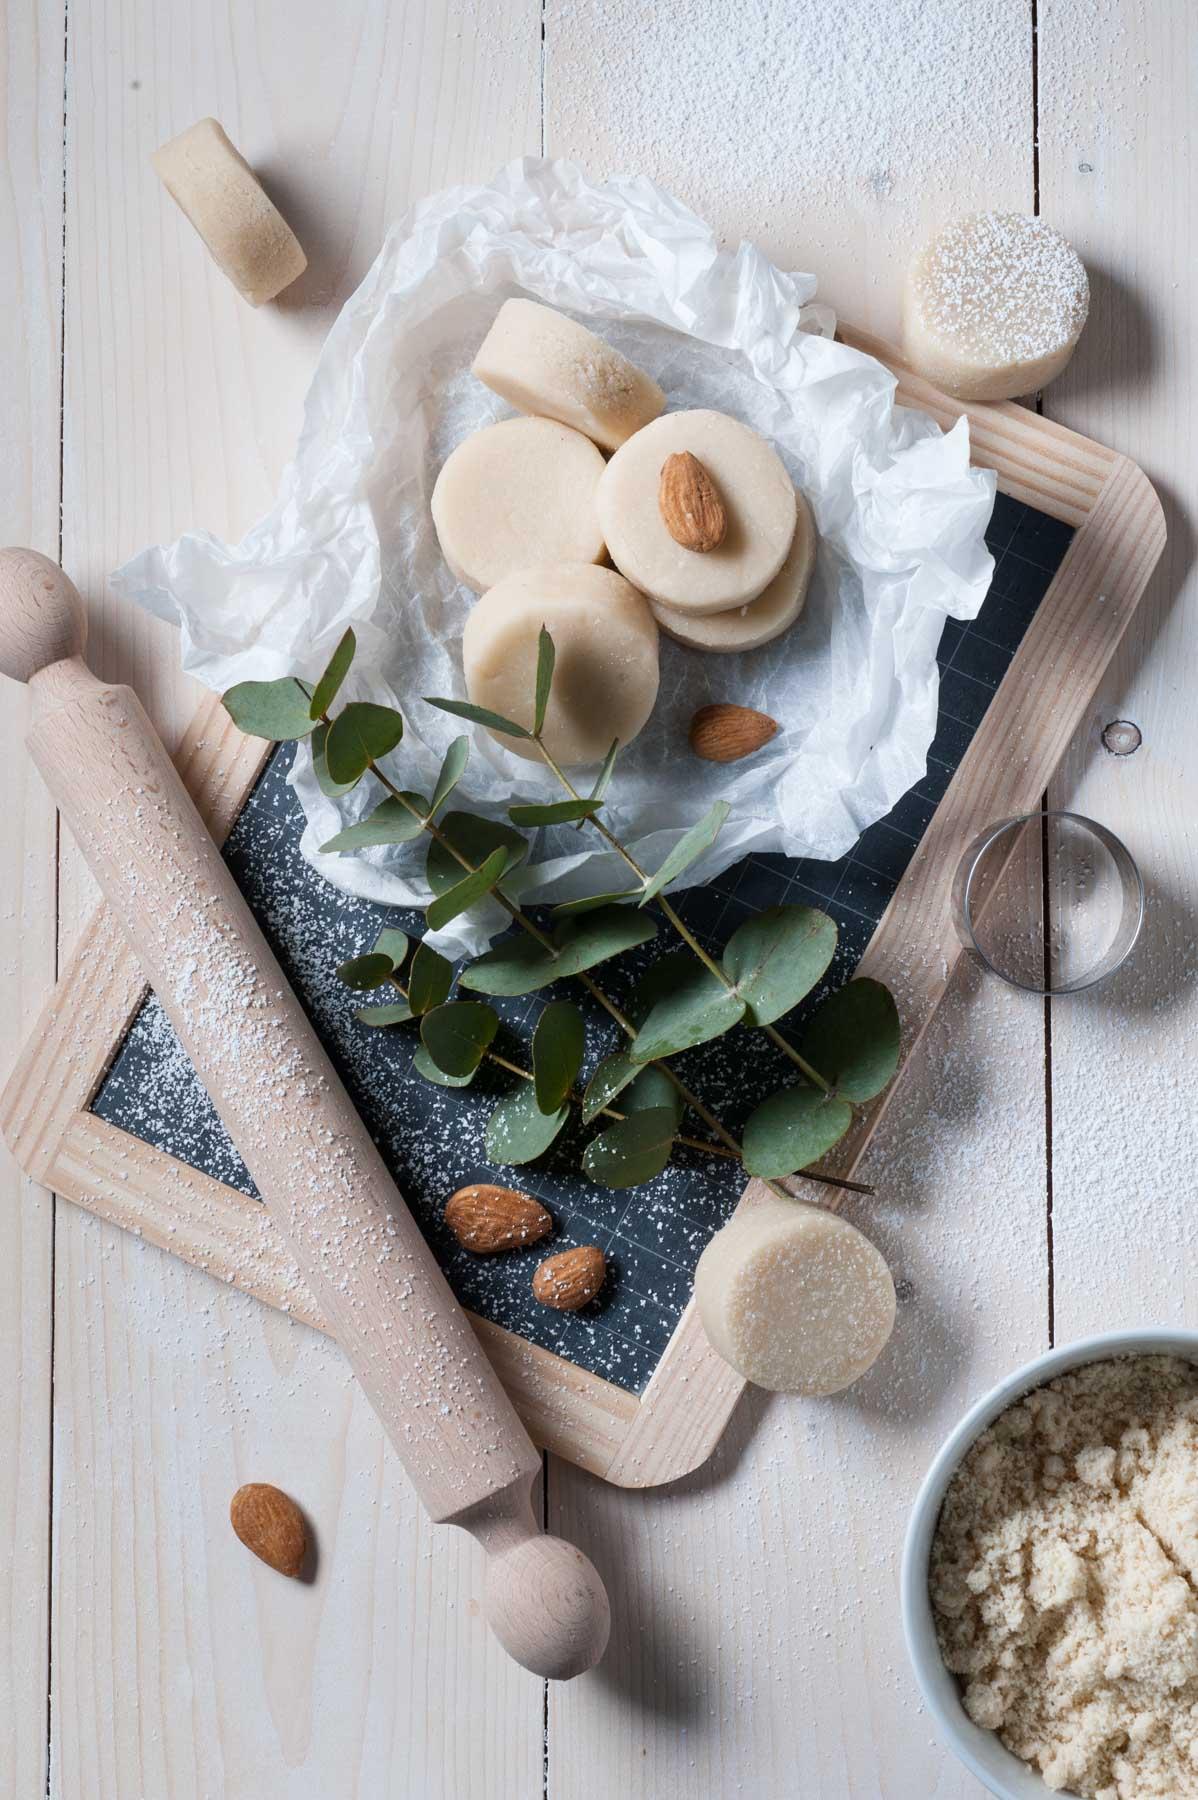 Une recette de pâte d'amande (massepain) à l'eau de fleur d'oranger.